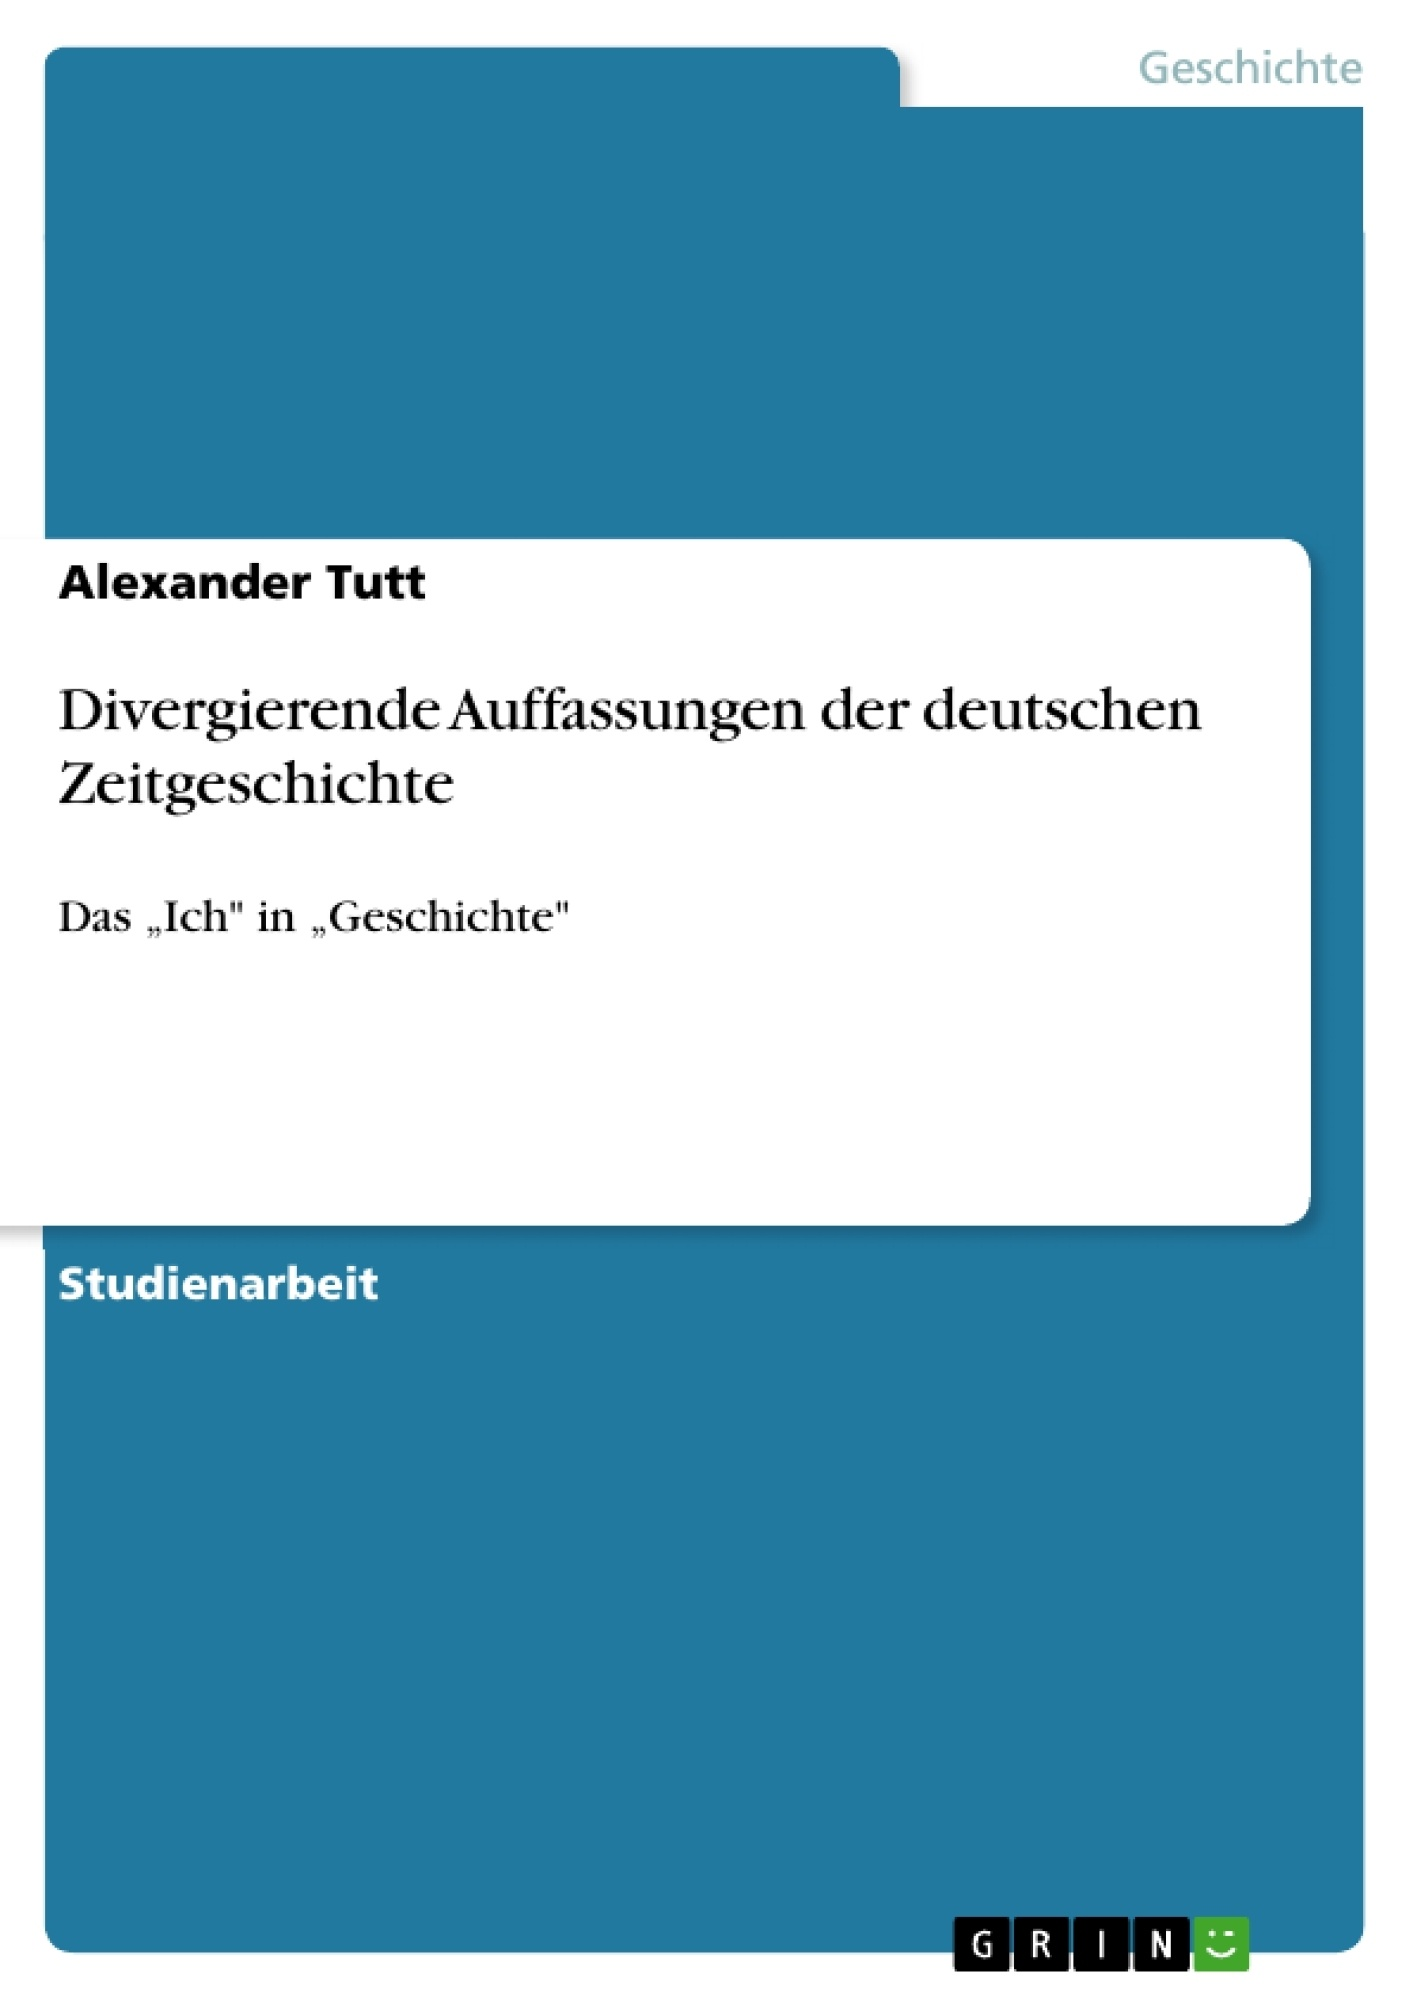 Titel: Divergierende Auffassungen der deutschen Zeitgeschichte